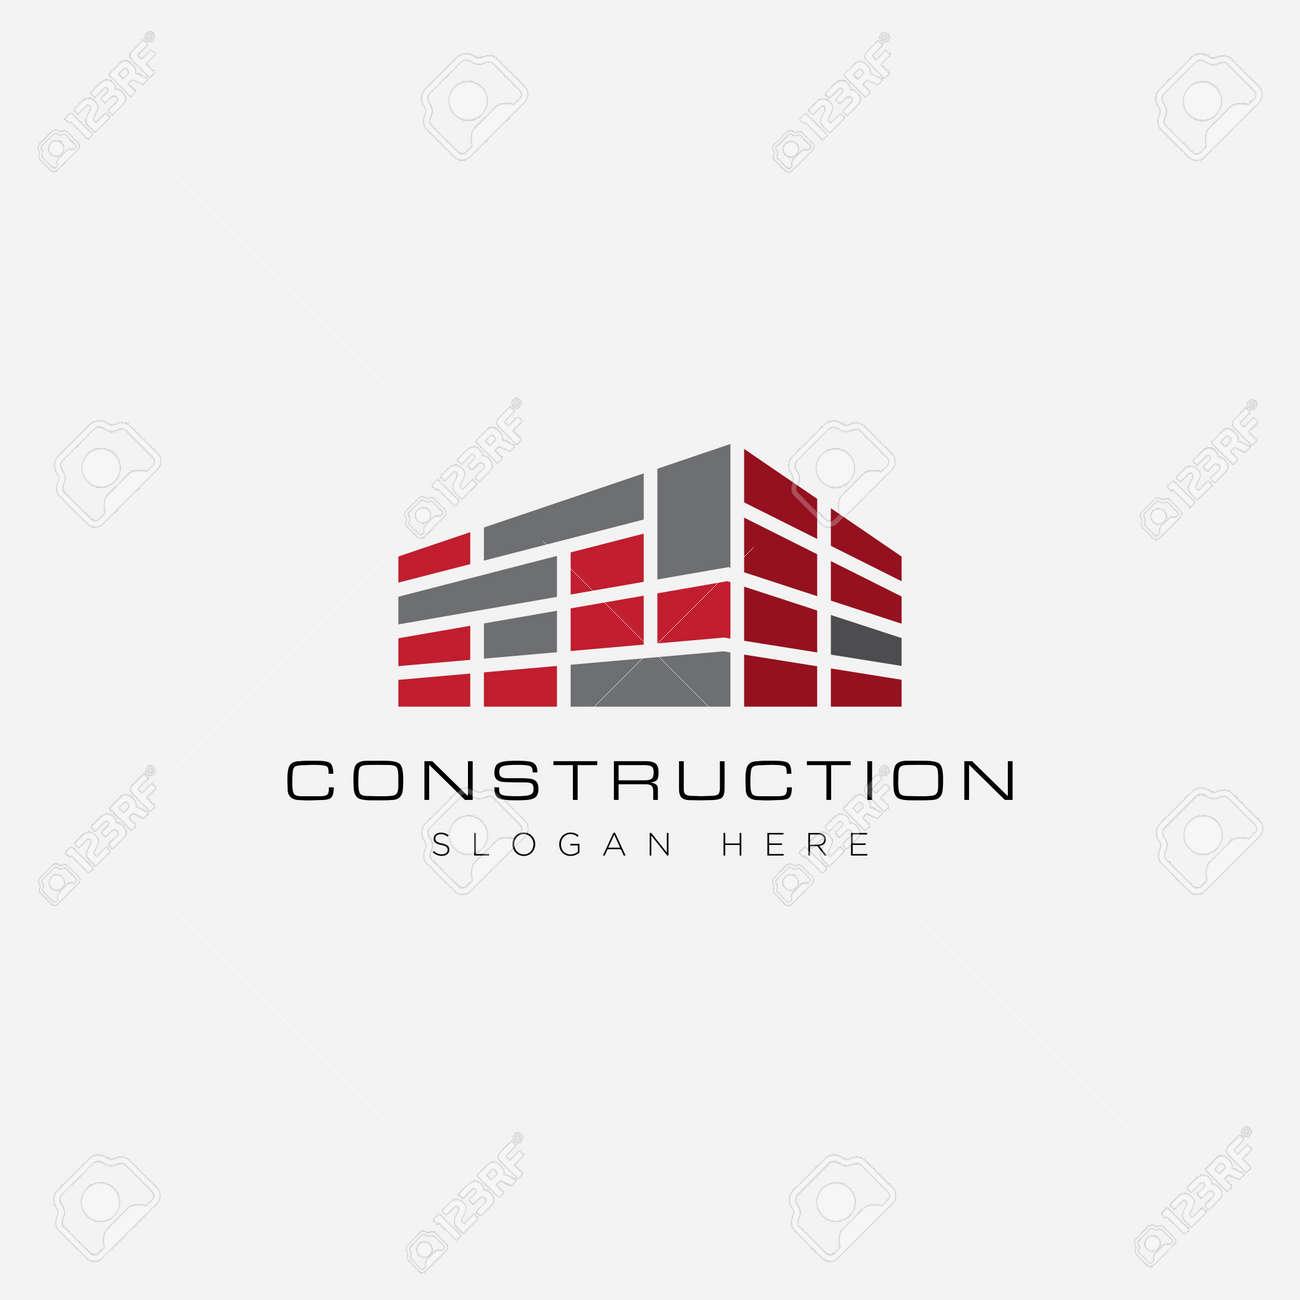 Construction logo design template - 156850701